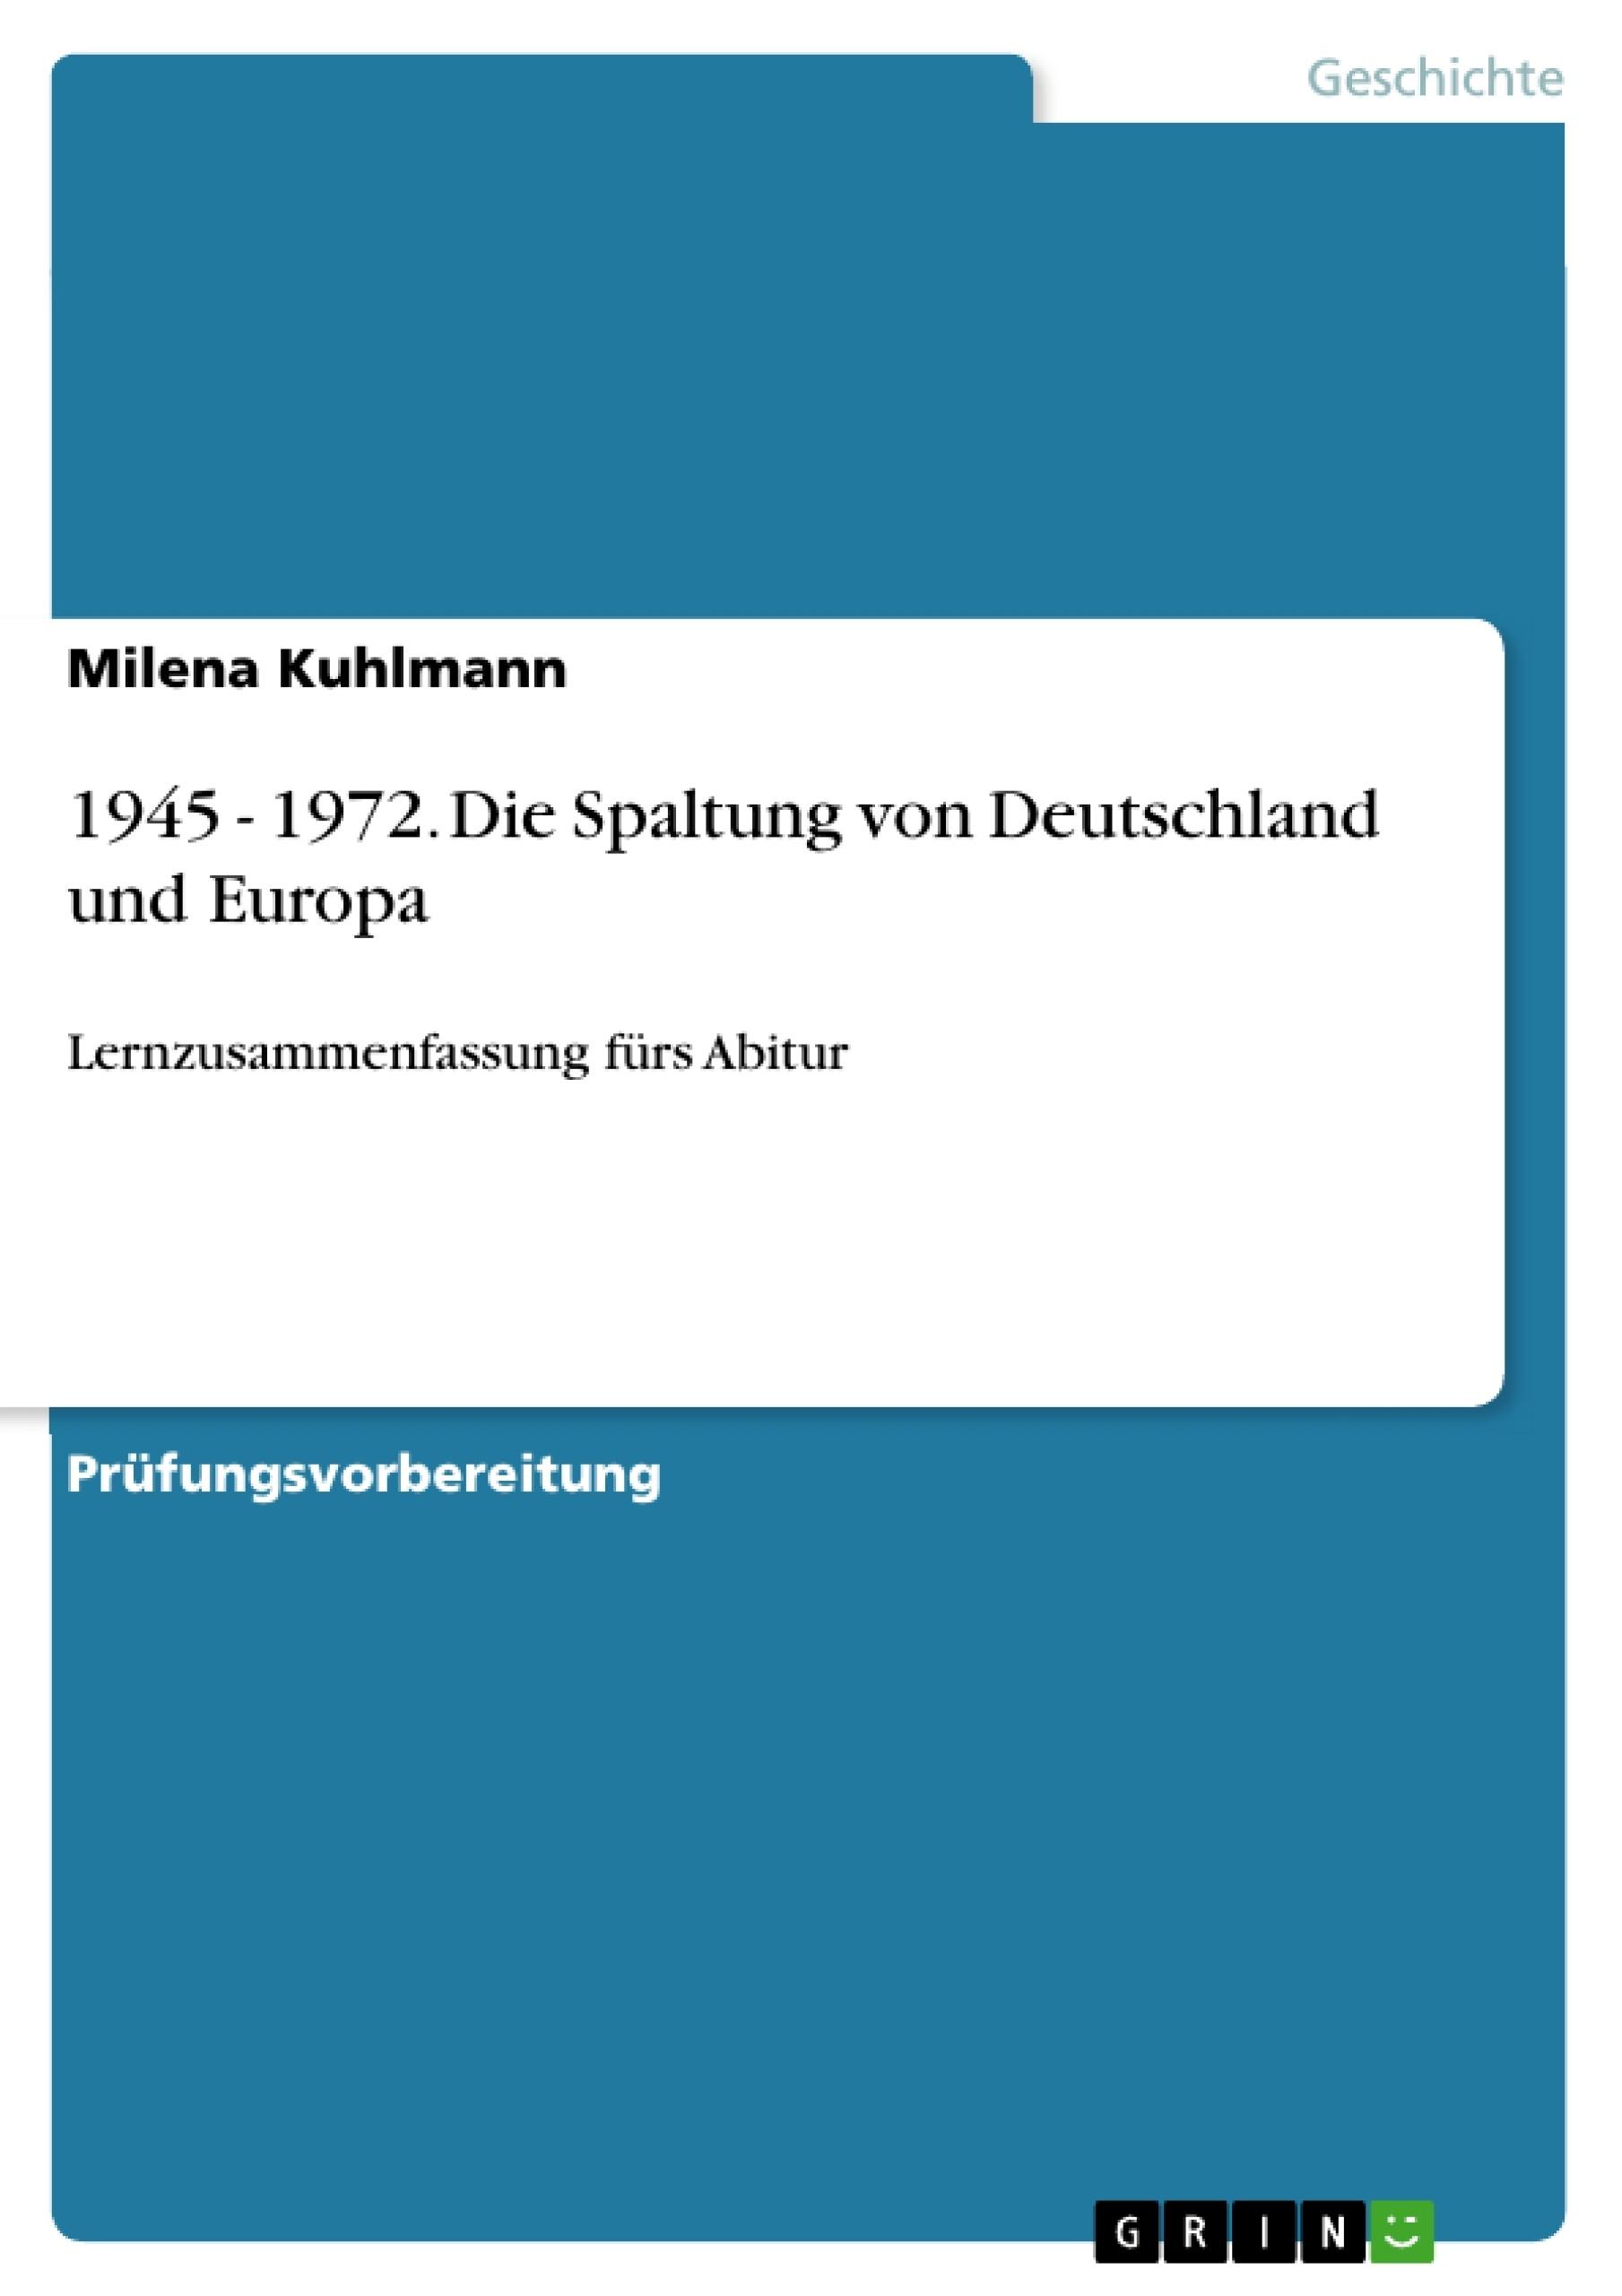 Titel: 1945 - 1972. Die Spaltung von Deutschland und Europa